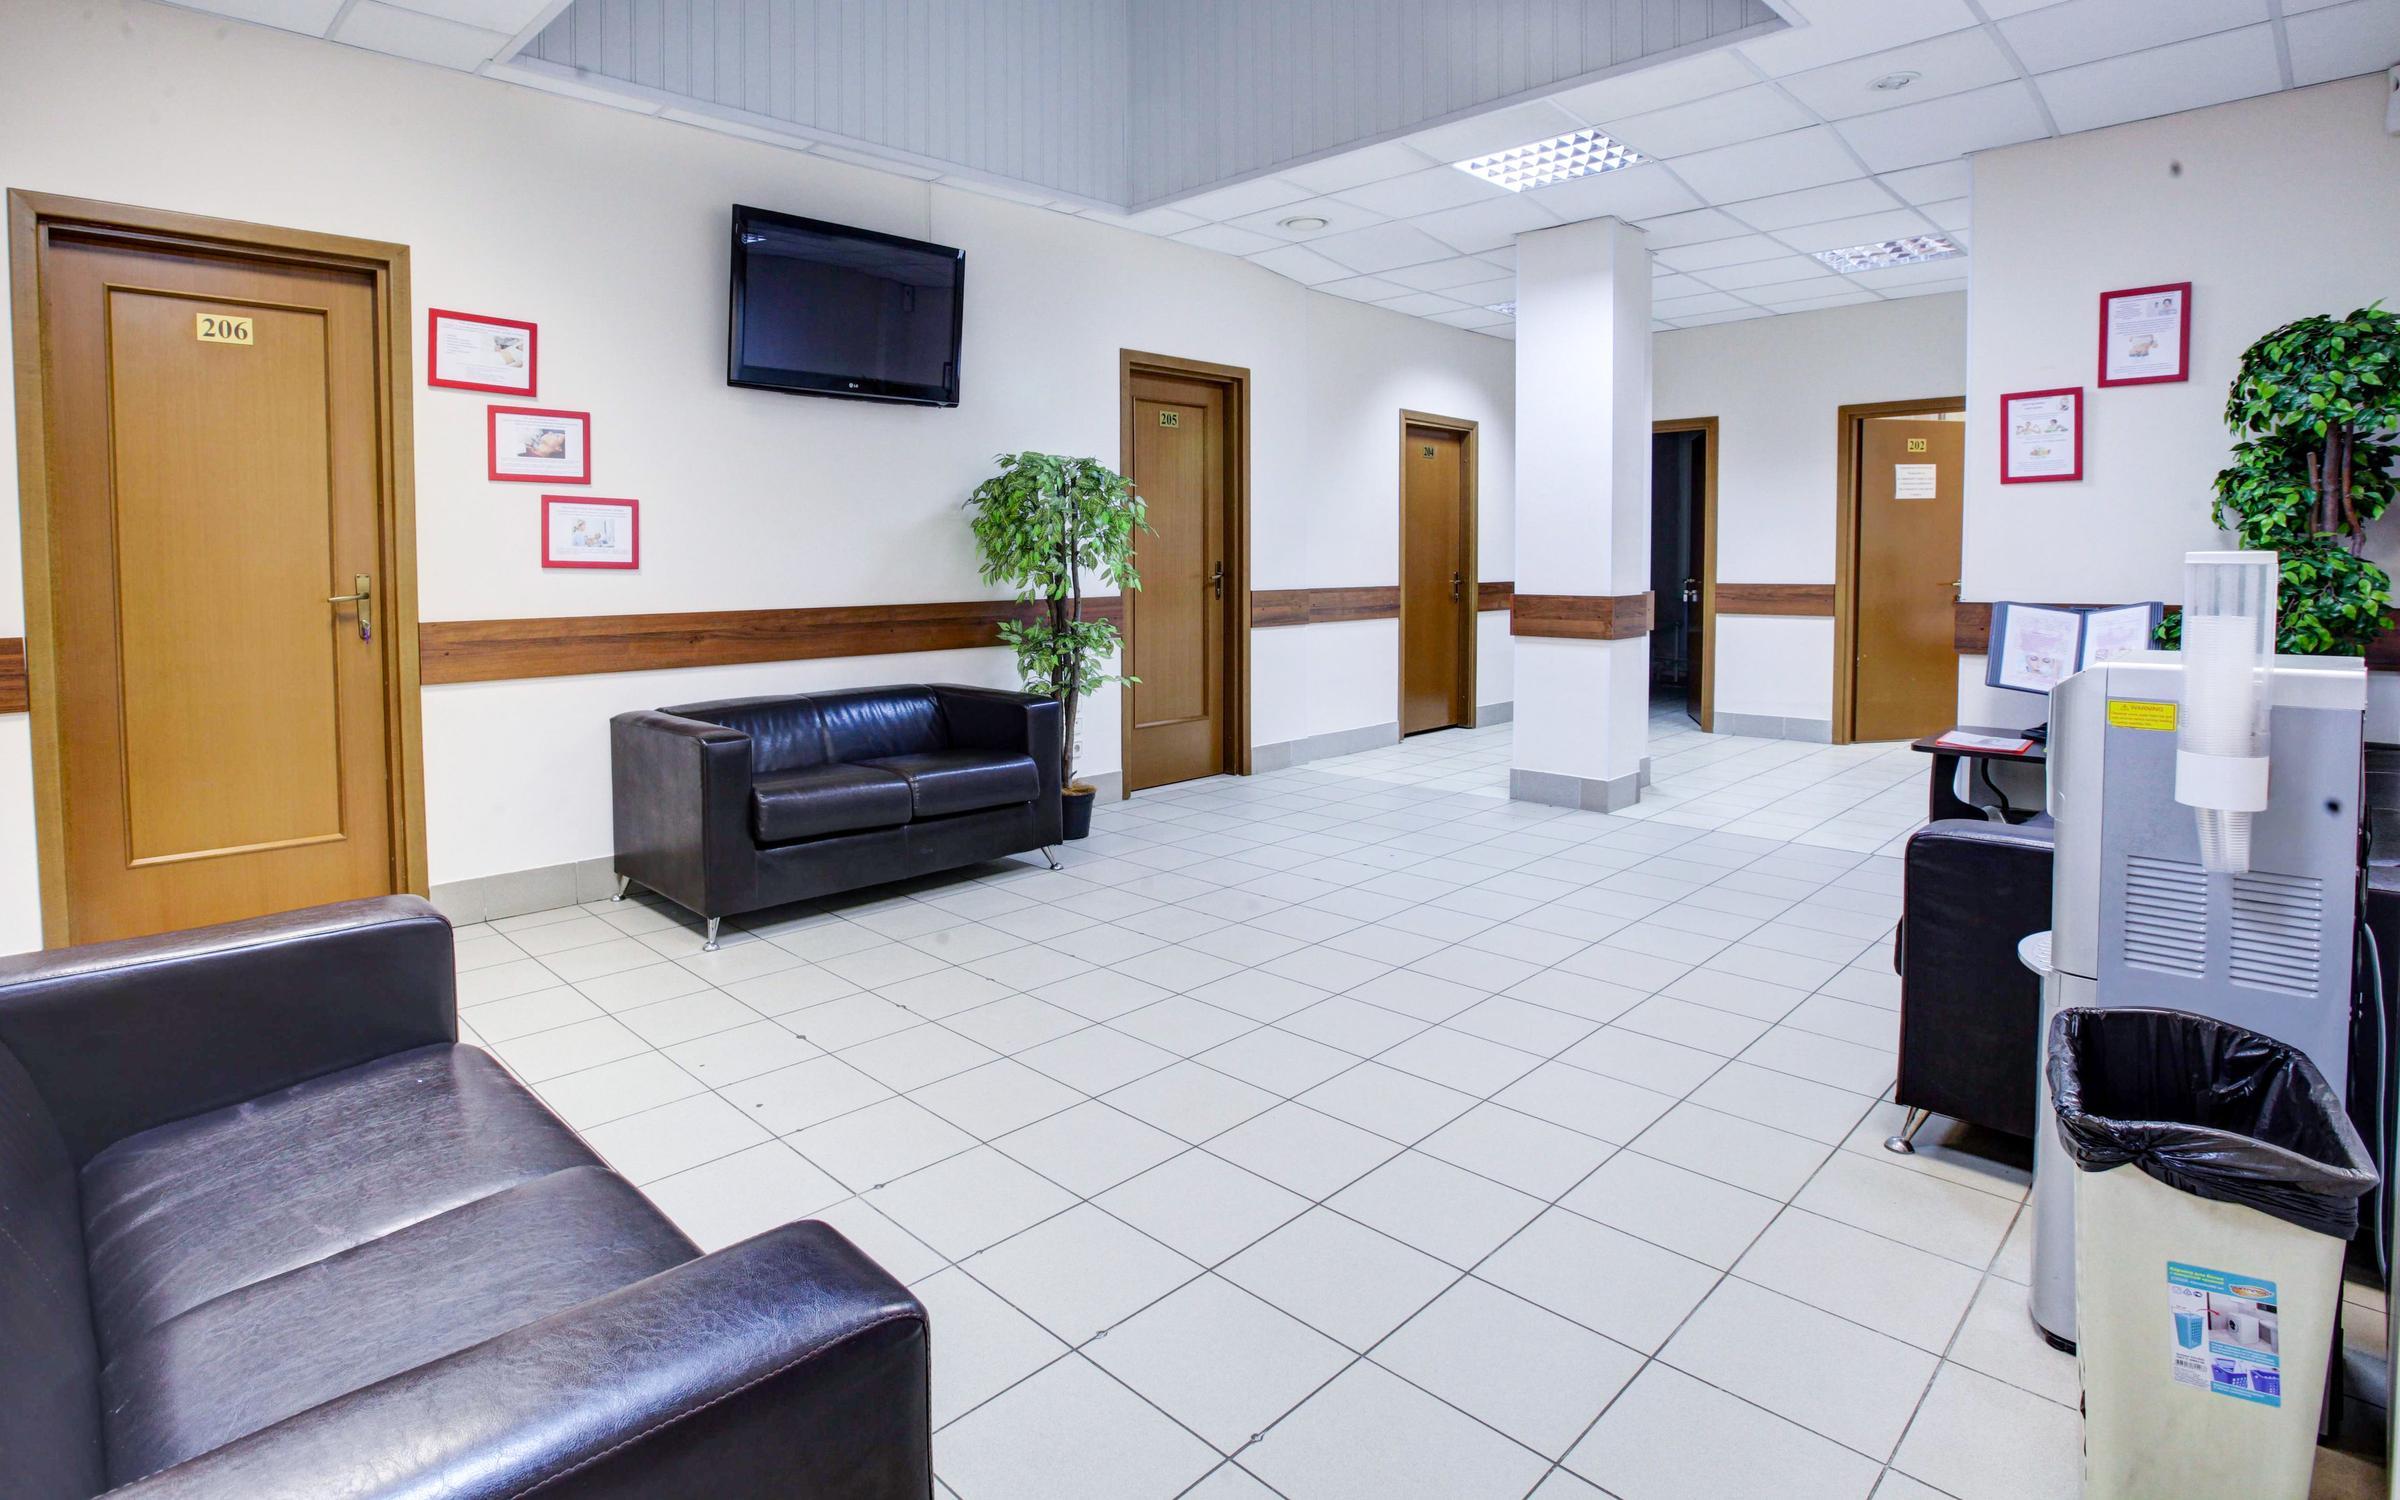 9 поликлиника ставрополь цена на узи